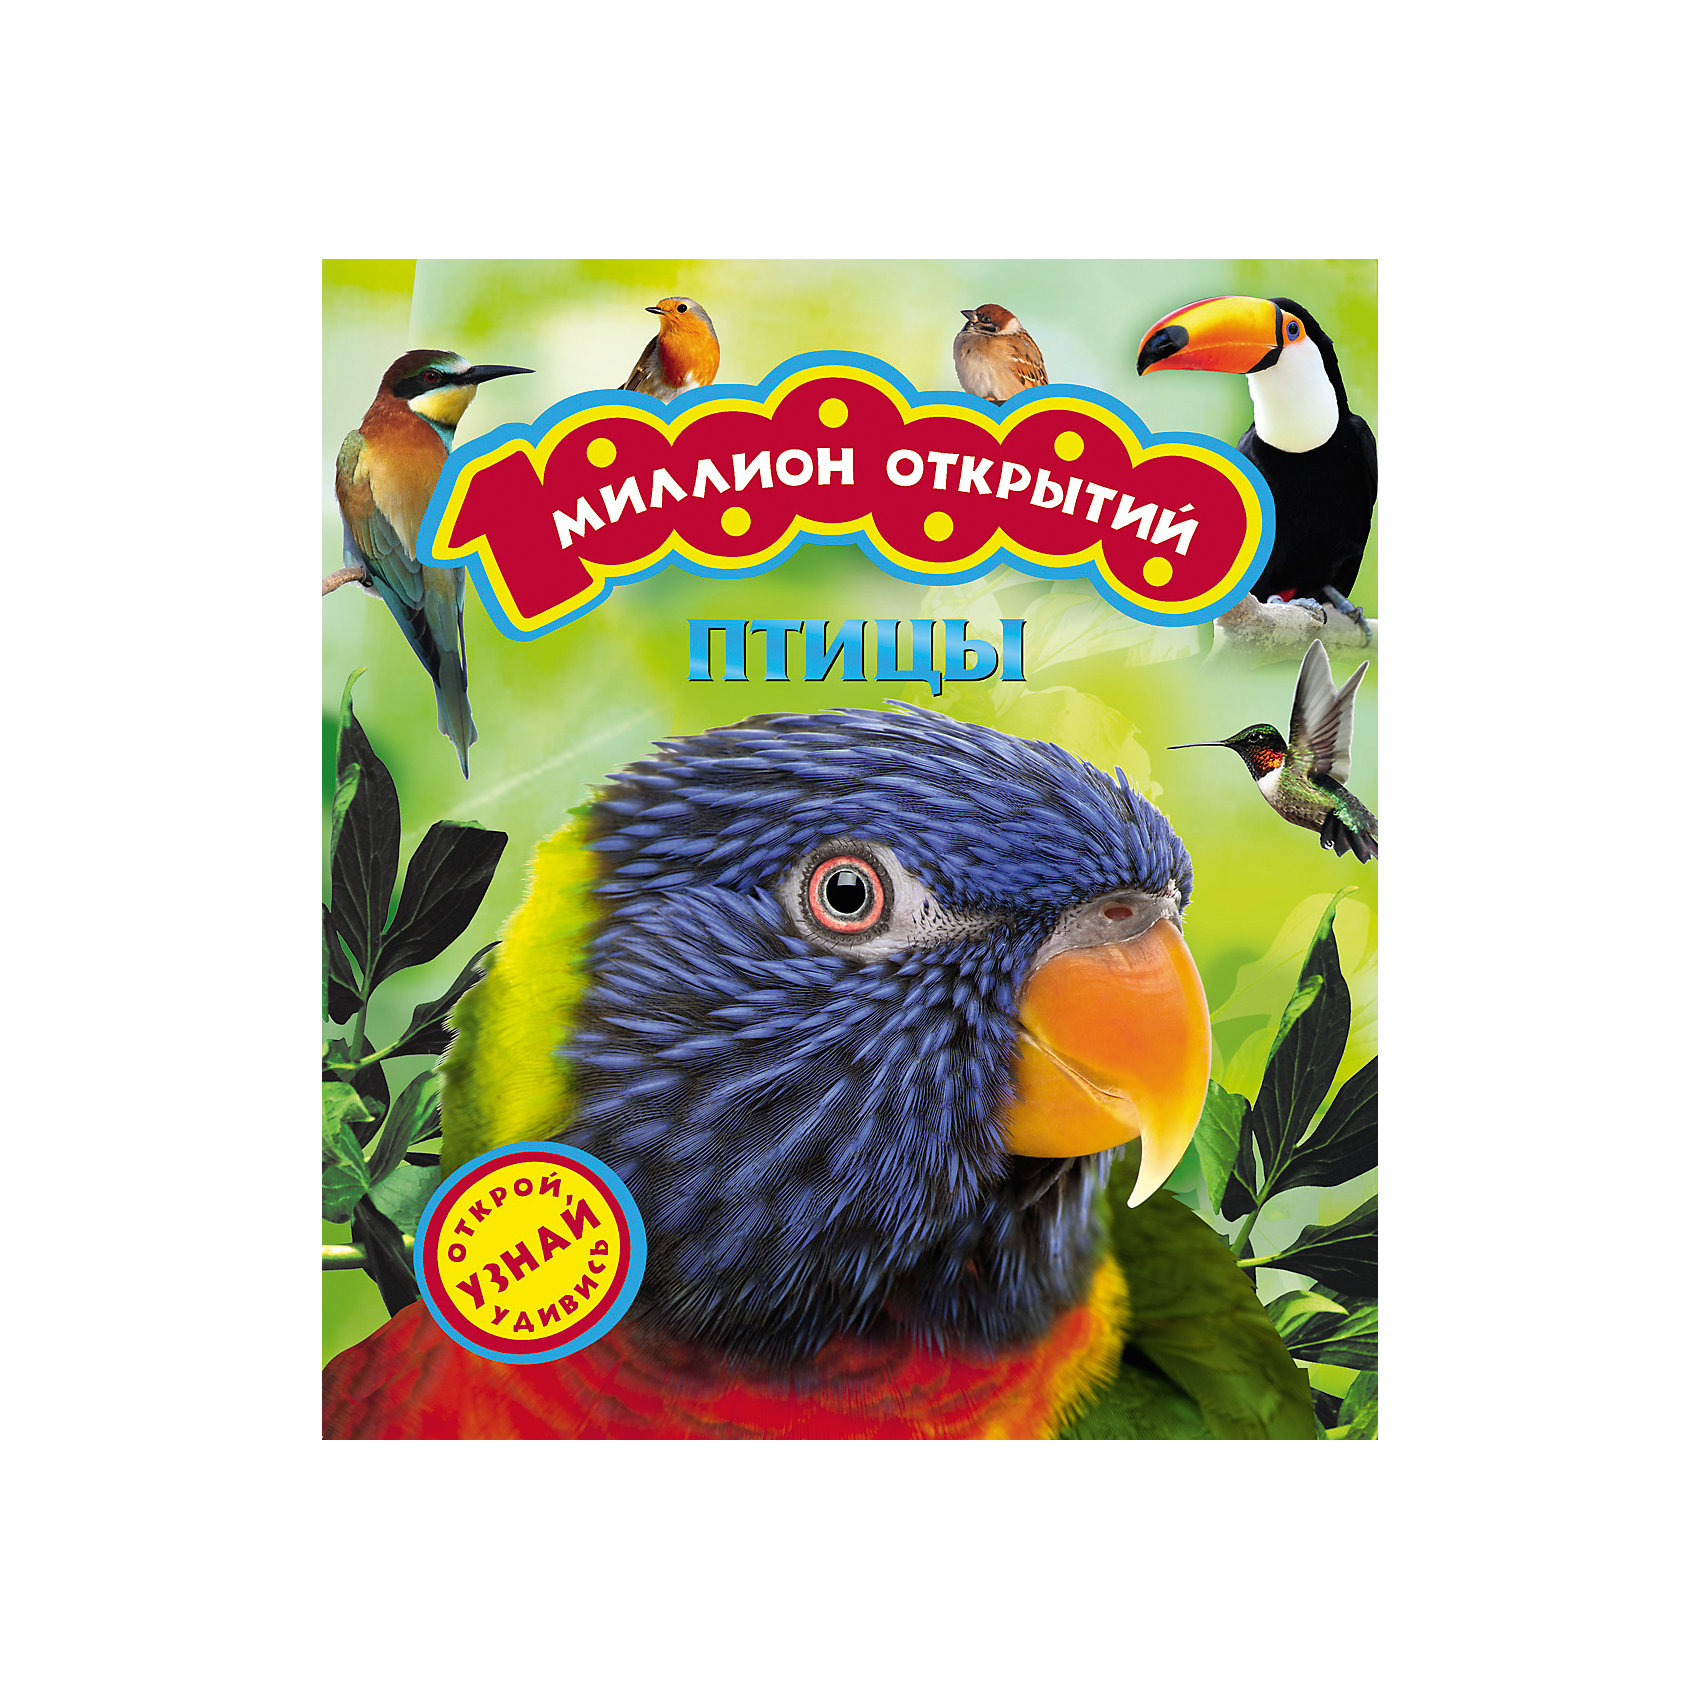 Птицы (Миллион открытий)Характеристики товара:<br><br>- цвет: разноцветный;<br>- материал: бумага;<br>- страниц: 36;<br>- формат: 27 x 24 см;<br>- обложка: твердая;<br>- цветные иллюстрации.<br><br>Эта интересная книга с иллюстрациями станет отличным подарком для ребенка. Она содержит в себе ответы на вопросы, которые интересуют малышей. Всё представлено в очень простой форме! Талантливый иллюстратор дополнил книгу качественными рисунками, которые помогают ребенку понять суть многих вещей в нашем мире. Удивительные и интересные факты помогут привить любовь к учебе!<br>Чтение - отличный способ активизации мышления, оно помогает ребенку развивать зрительную память, концентрацию внимания и воображение. Издание произведено из качественных материалов, которые безопасны даже для самых маленьких.<br><br>Книгу Птицы (Миллион открытий) от компании Росмэн можно купить в нашем интернет-магазине.<br><br>Ширина мм: 260<br>Глубина мм: 270<br>Высота мм: 10<br>Вес г: 365<br>Возраст от месяцев: 36<br>Возраст до месяцев: 72<br>Пол: Унисекс<br>Возраст: Детский<br>SKU: 5109993